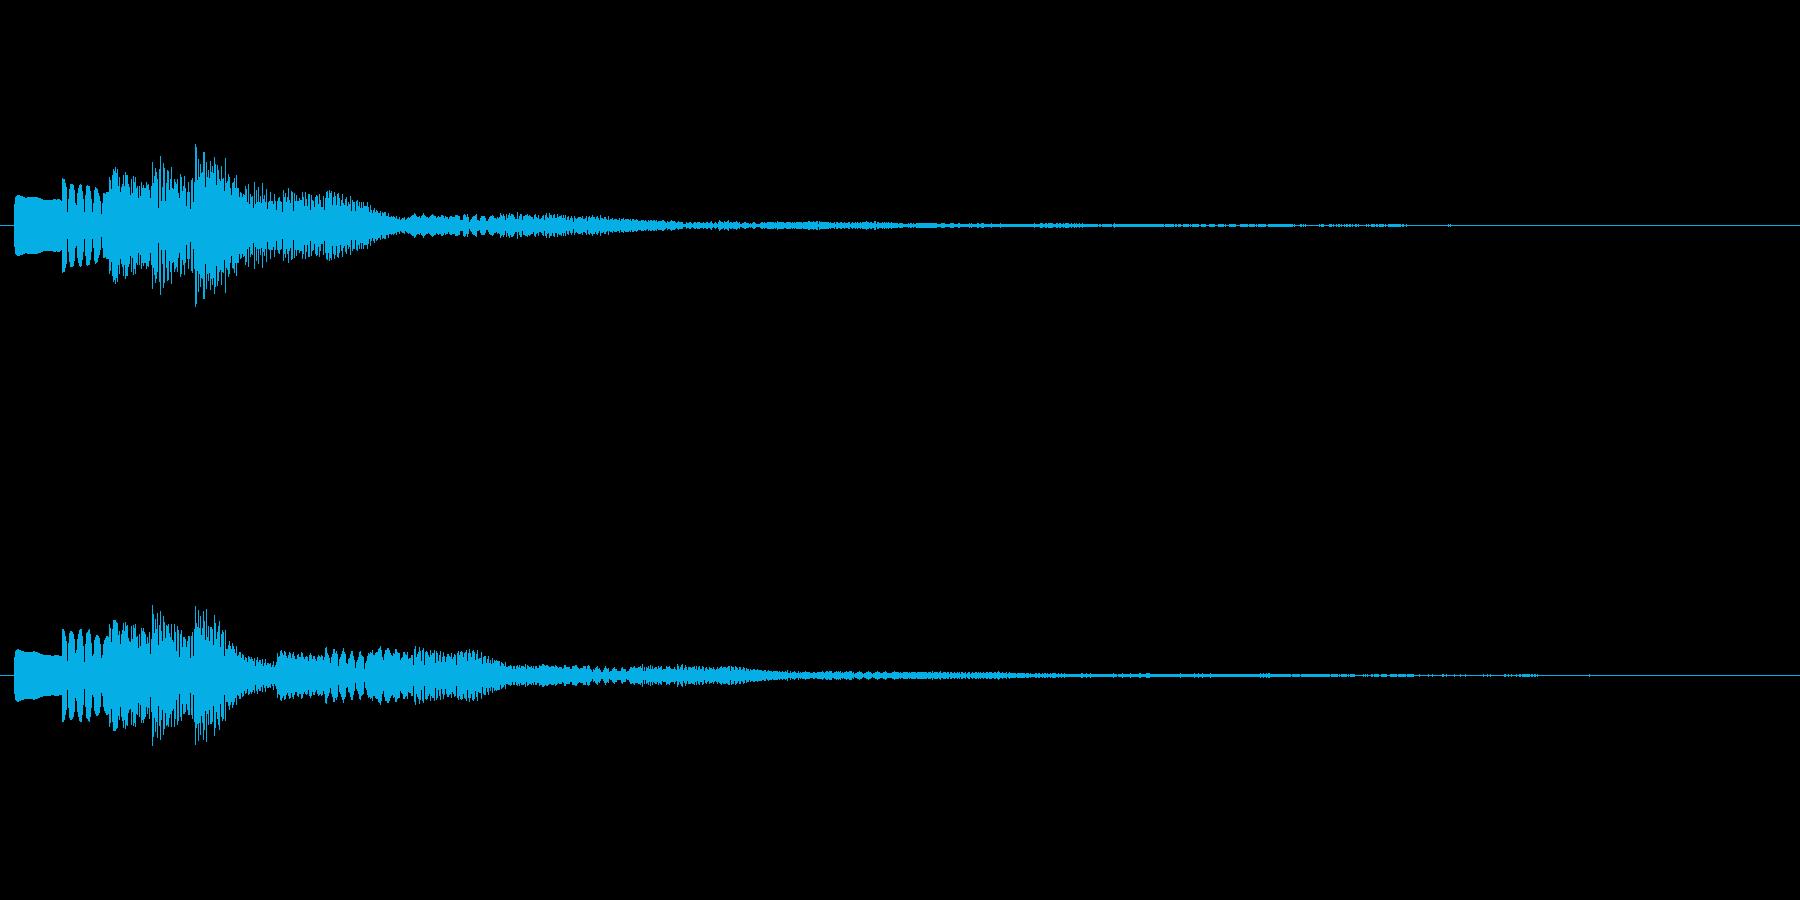 トルルルーン テロップ・決定音・タッチ音の再生済みの波形